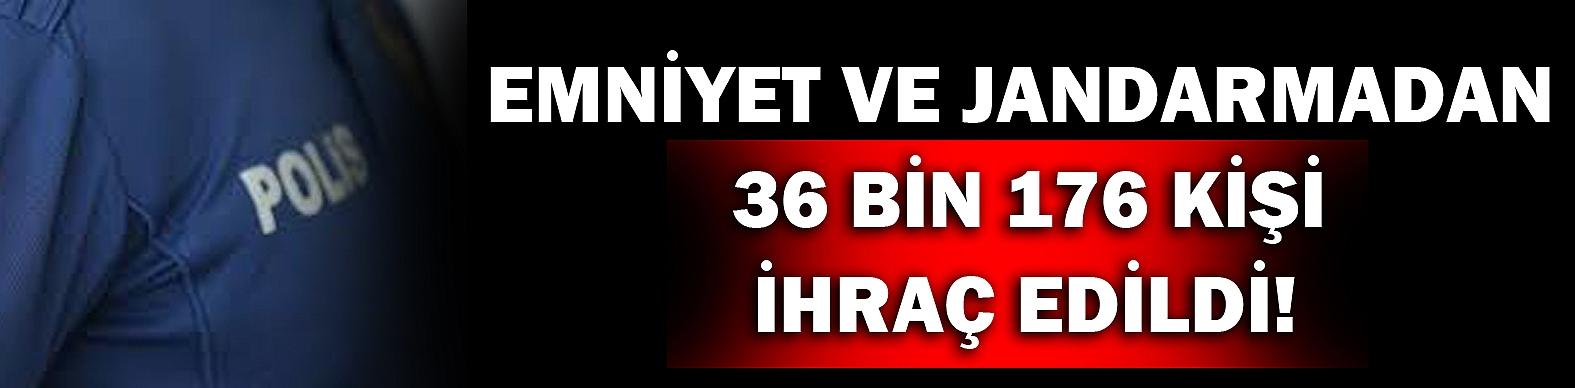 Emniyet ve jandarmadan 36 bin 176 kişi ihraç edildi!